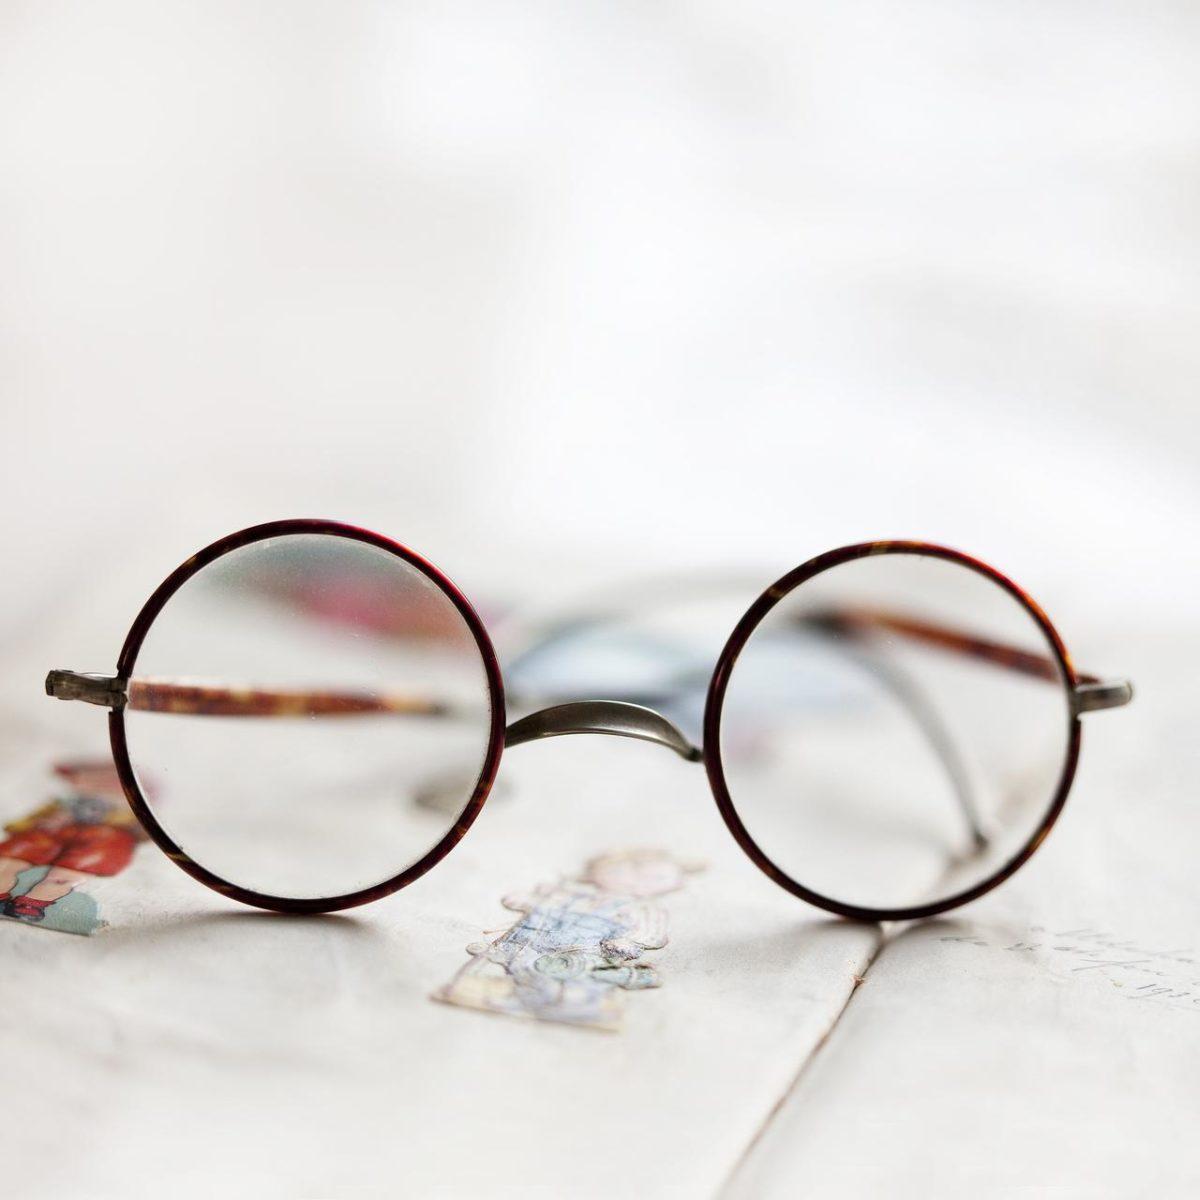 Pengobatan Tercanggih Untuk Atasi Glaukoma